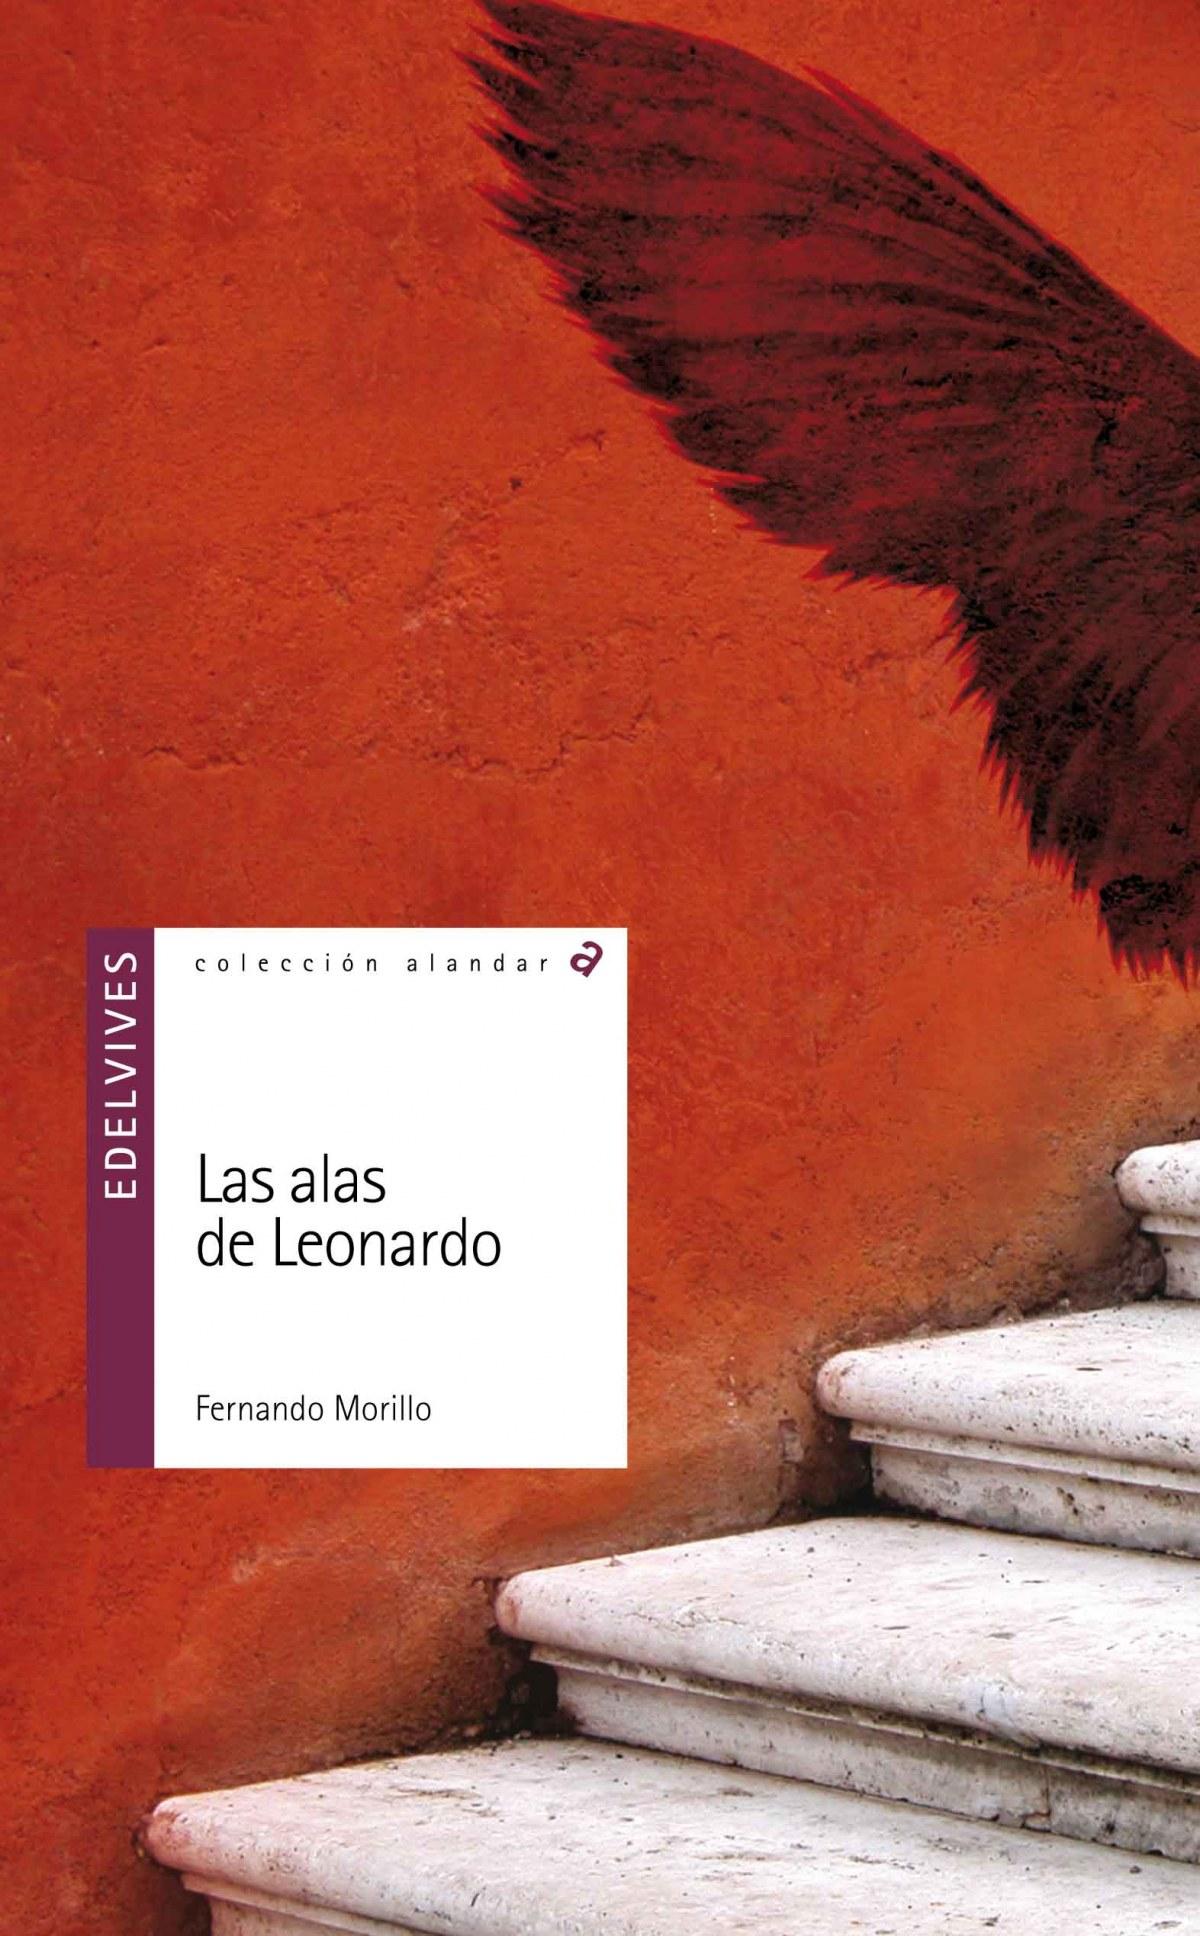 Las alas de Leonardo 9788426376831